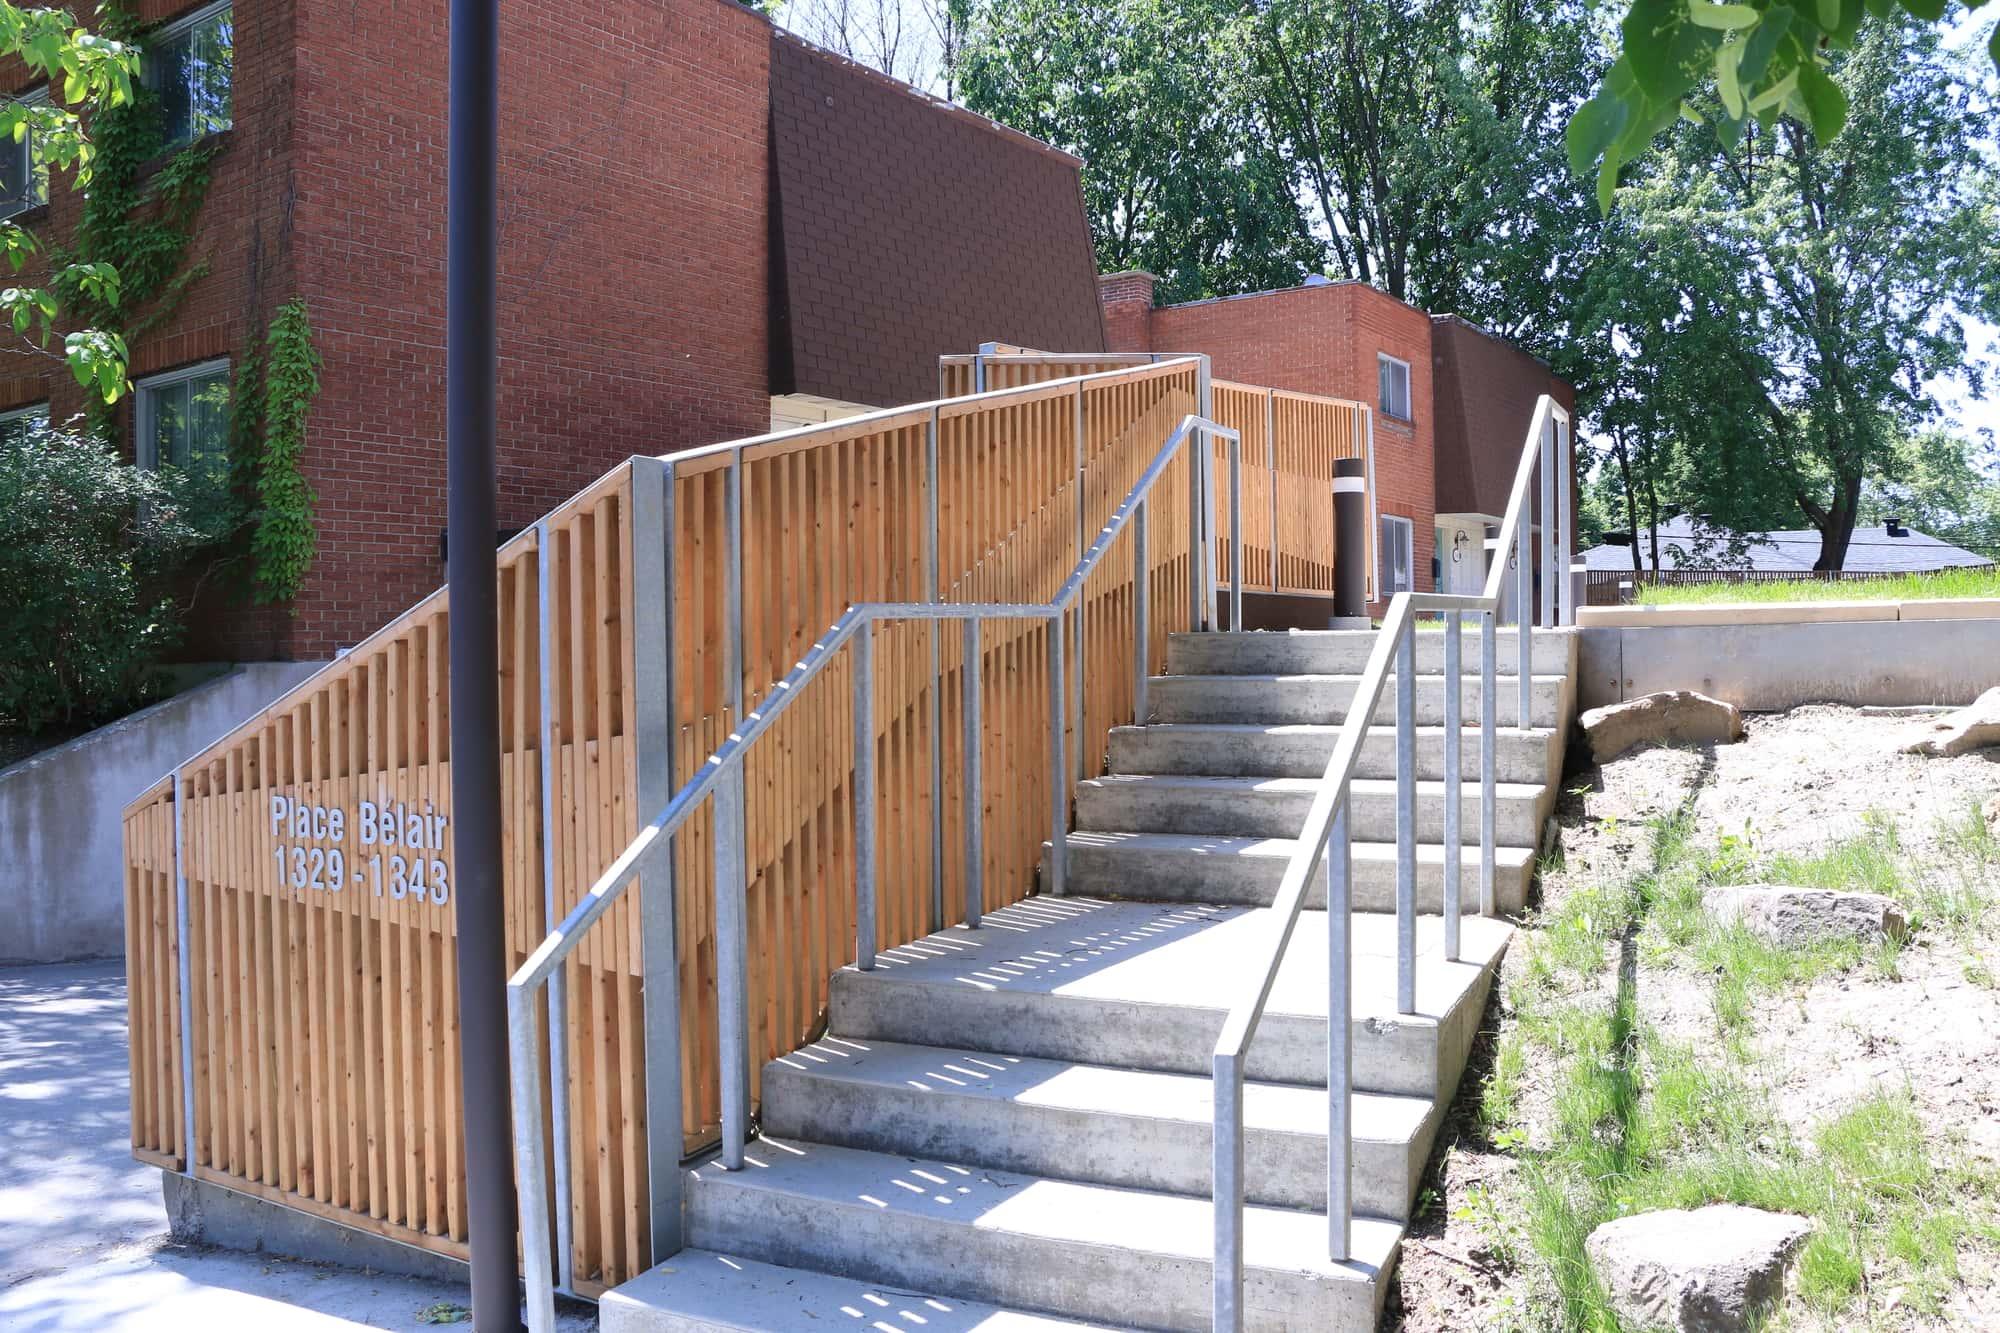 travaux extérieurs dans une copropriété - vue sur escalier accédant au toit-terrasse et accès au garage sous-terrain